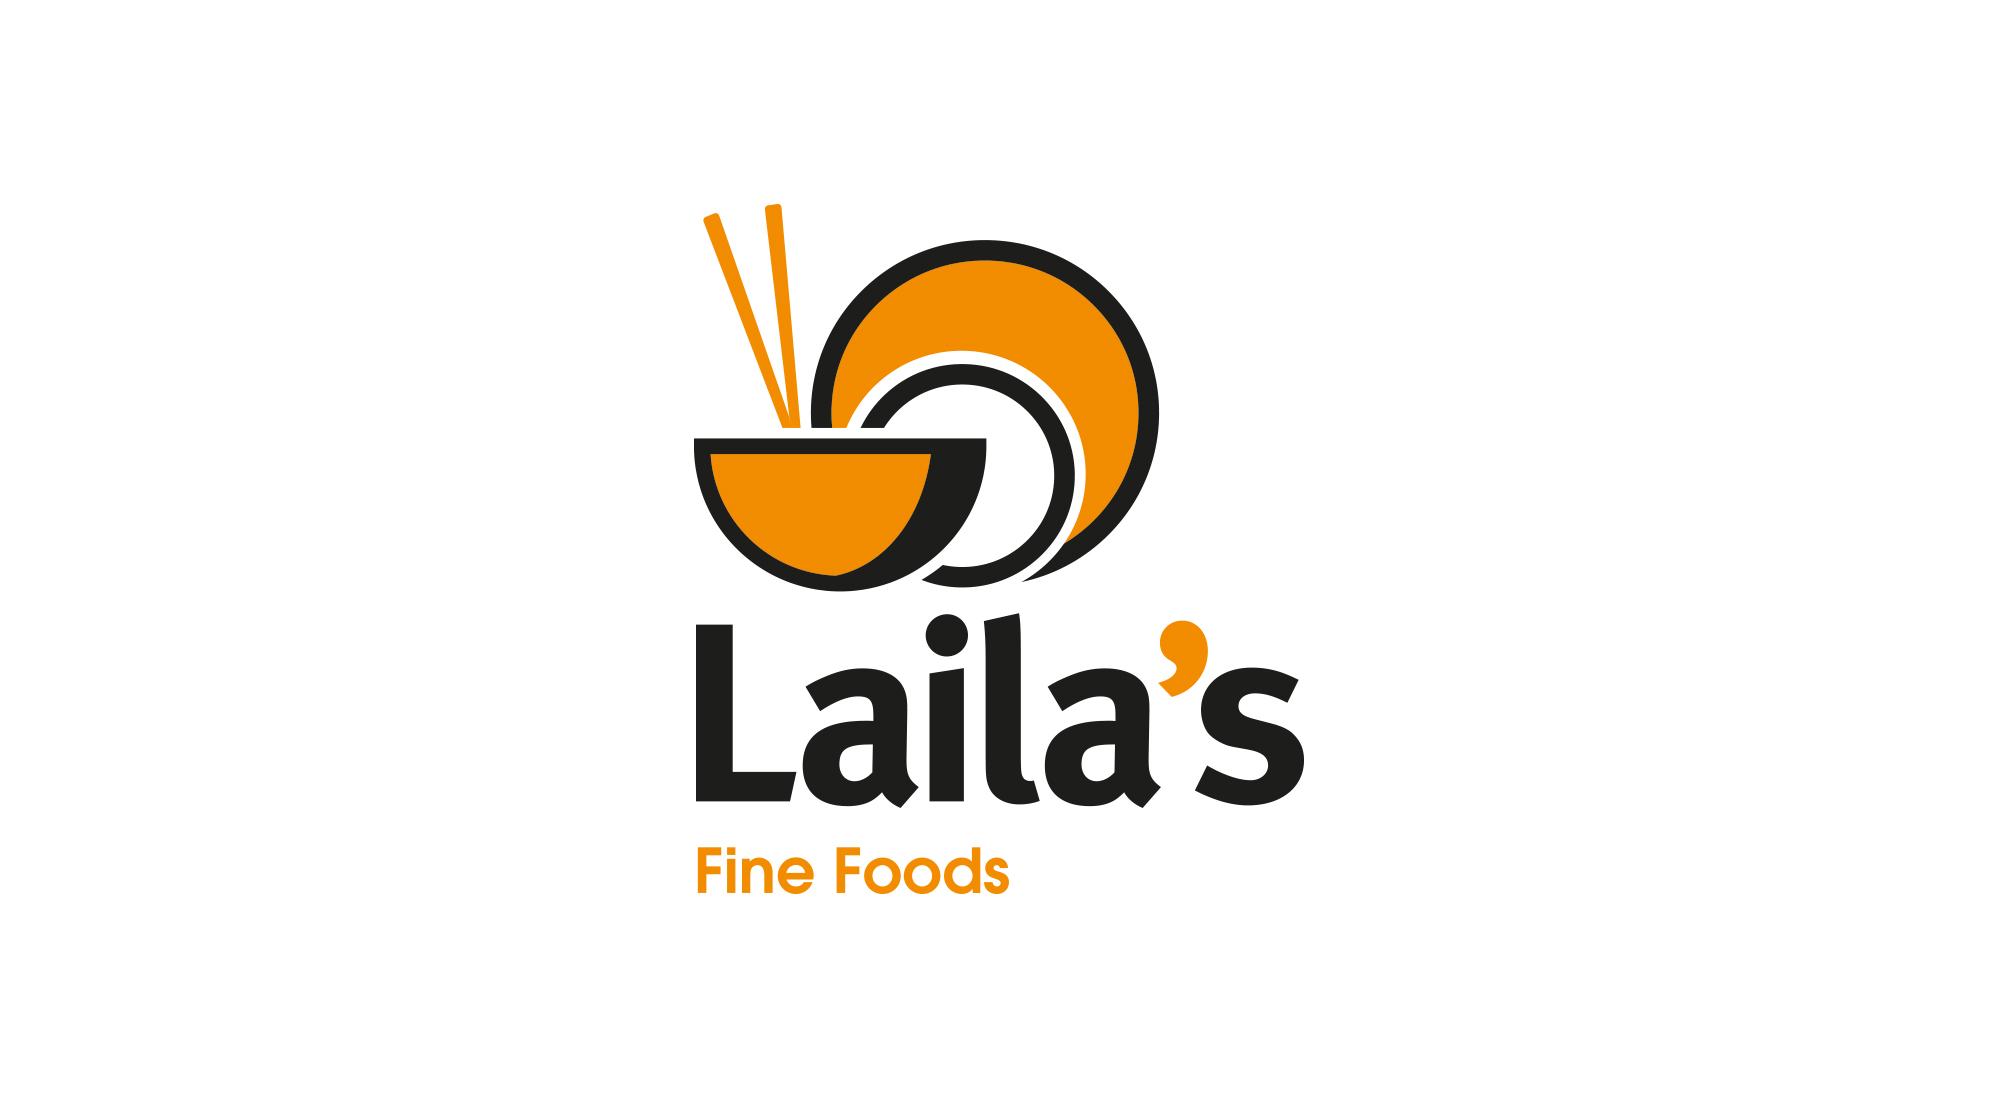 lailas-logo